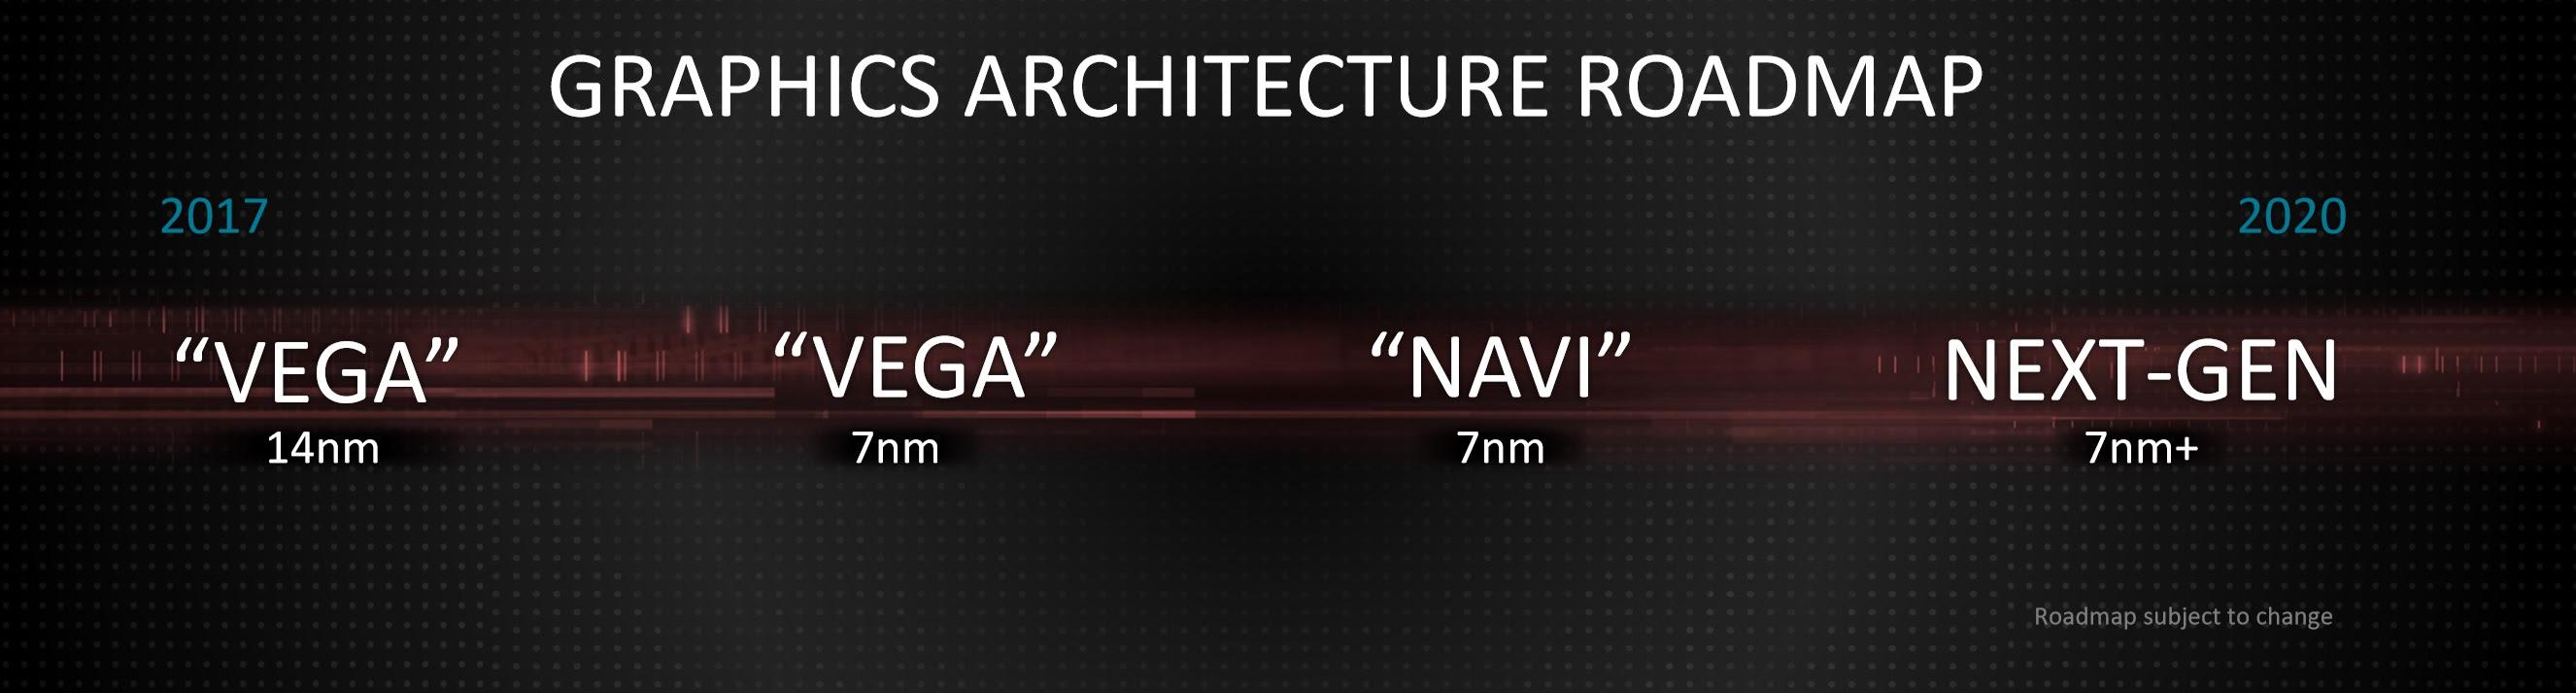 AMD Navi release date, news and rumors